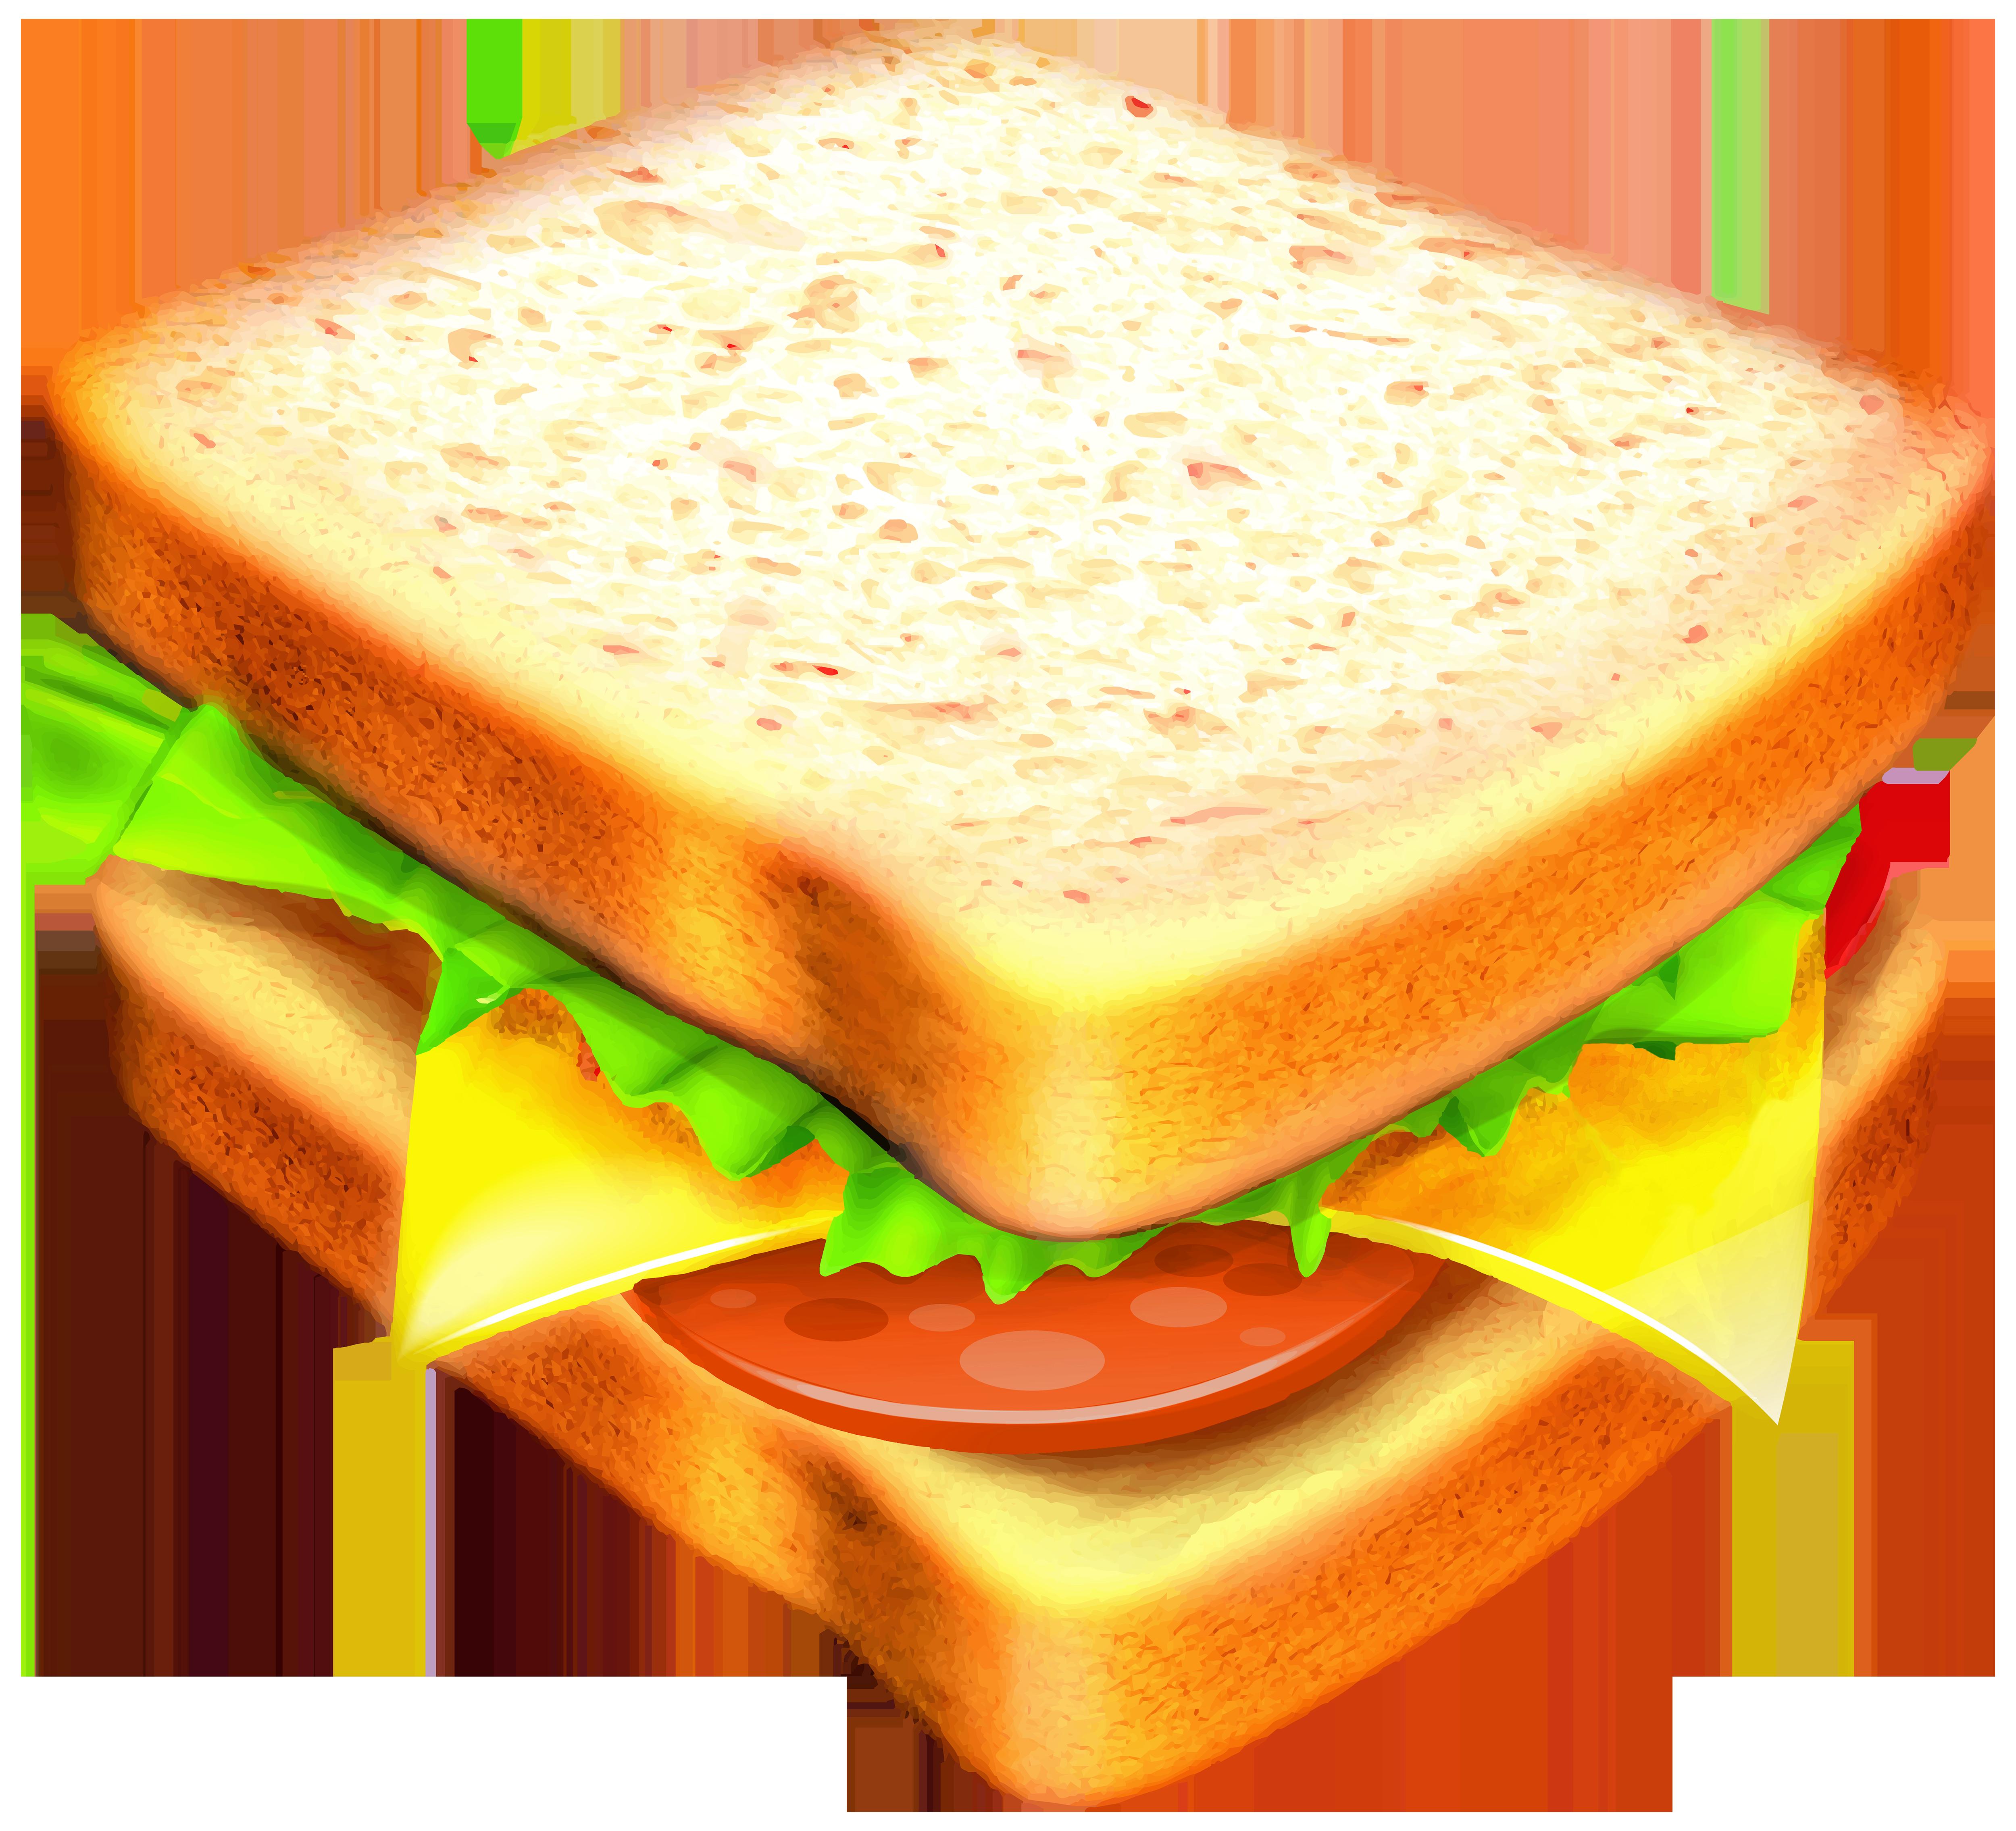 Sandwich Clipart & Sandwich Clip Art Images.